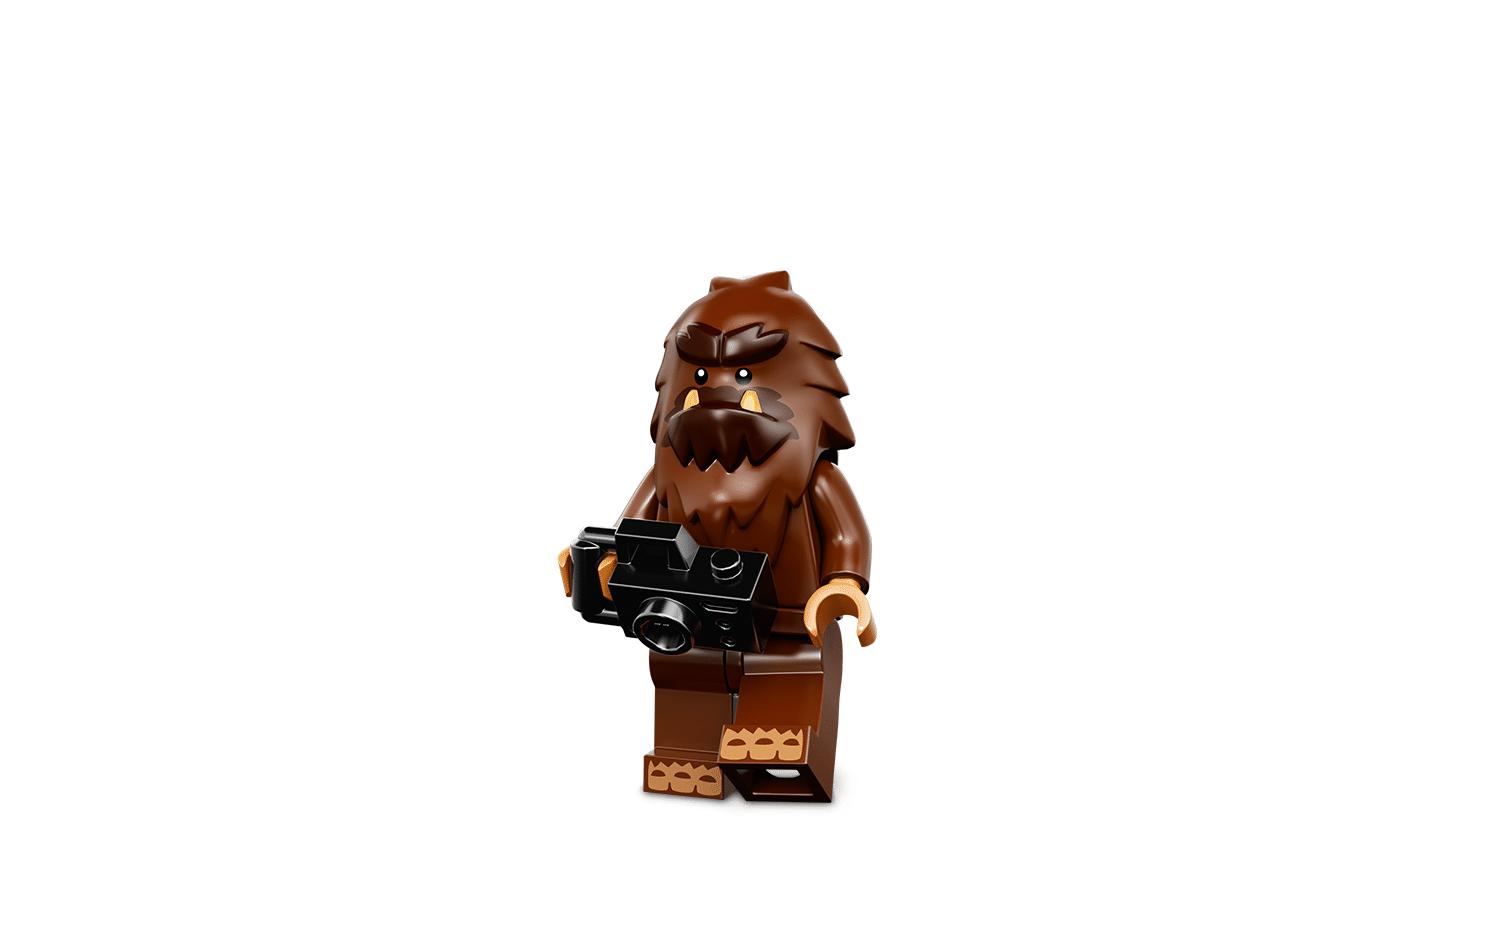 Pies cuadrados - Personajes - Minifigures LEGO.com